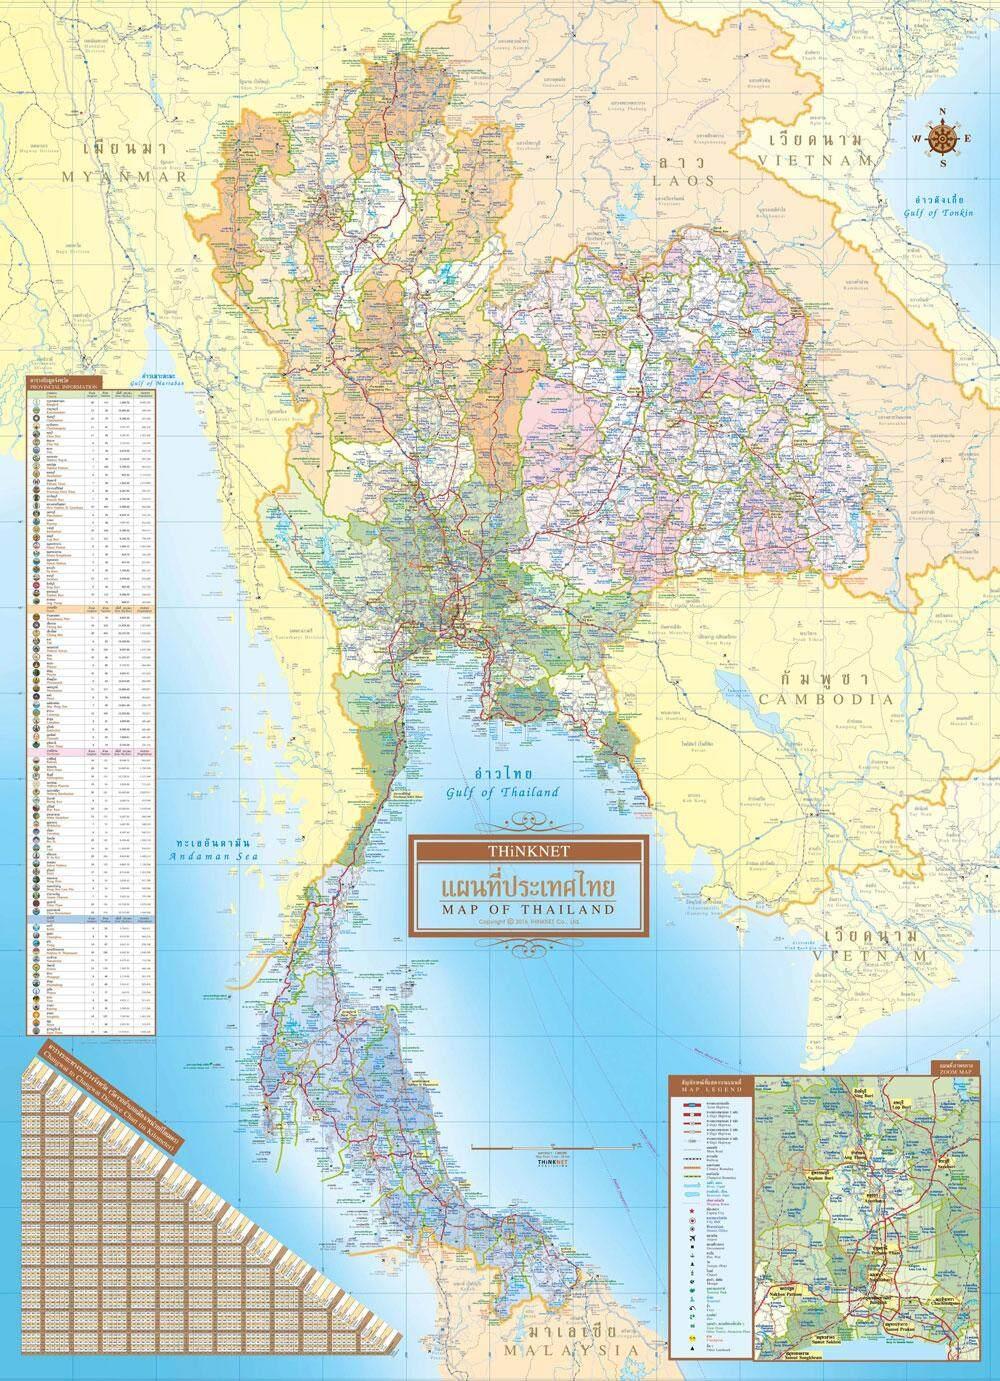 แผนที่ติดผนัง ประเทศไทย ฉบับ 2 ภาษา By Shop Thinknet.